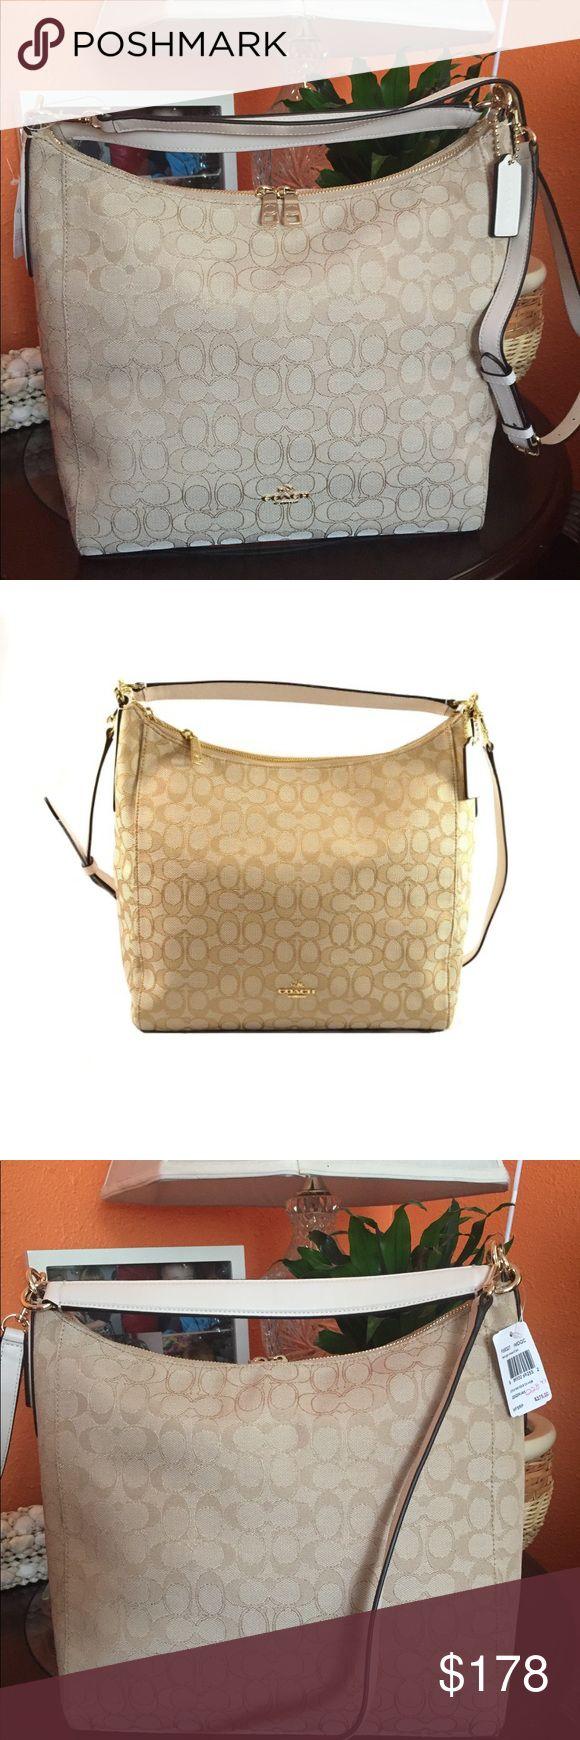 Coach signature hobo crossbody bag Beautiful elegant use like handbag or crossbody Coach Bags Crossbody Bags